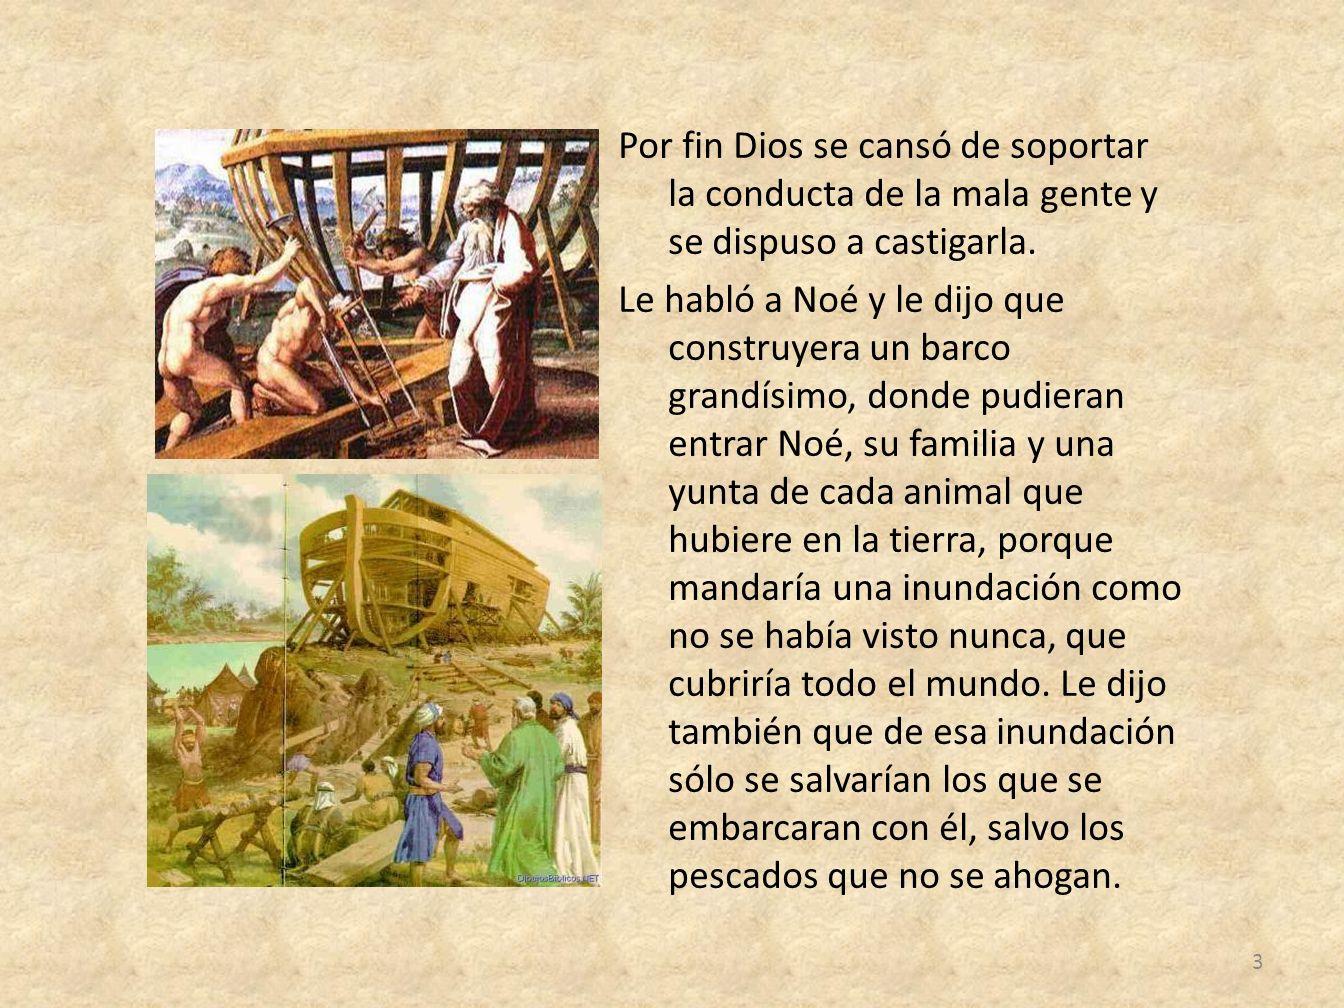 Por fin Dios se cansó de soportar la conducta de la mala gente y se dispuso a castigarla. Le habló a Noé y le dijo que construyera un barco grandísimo